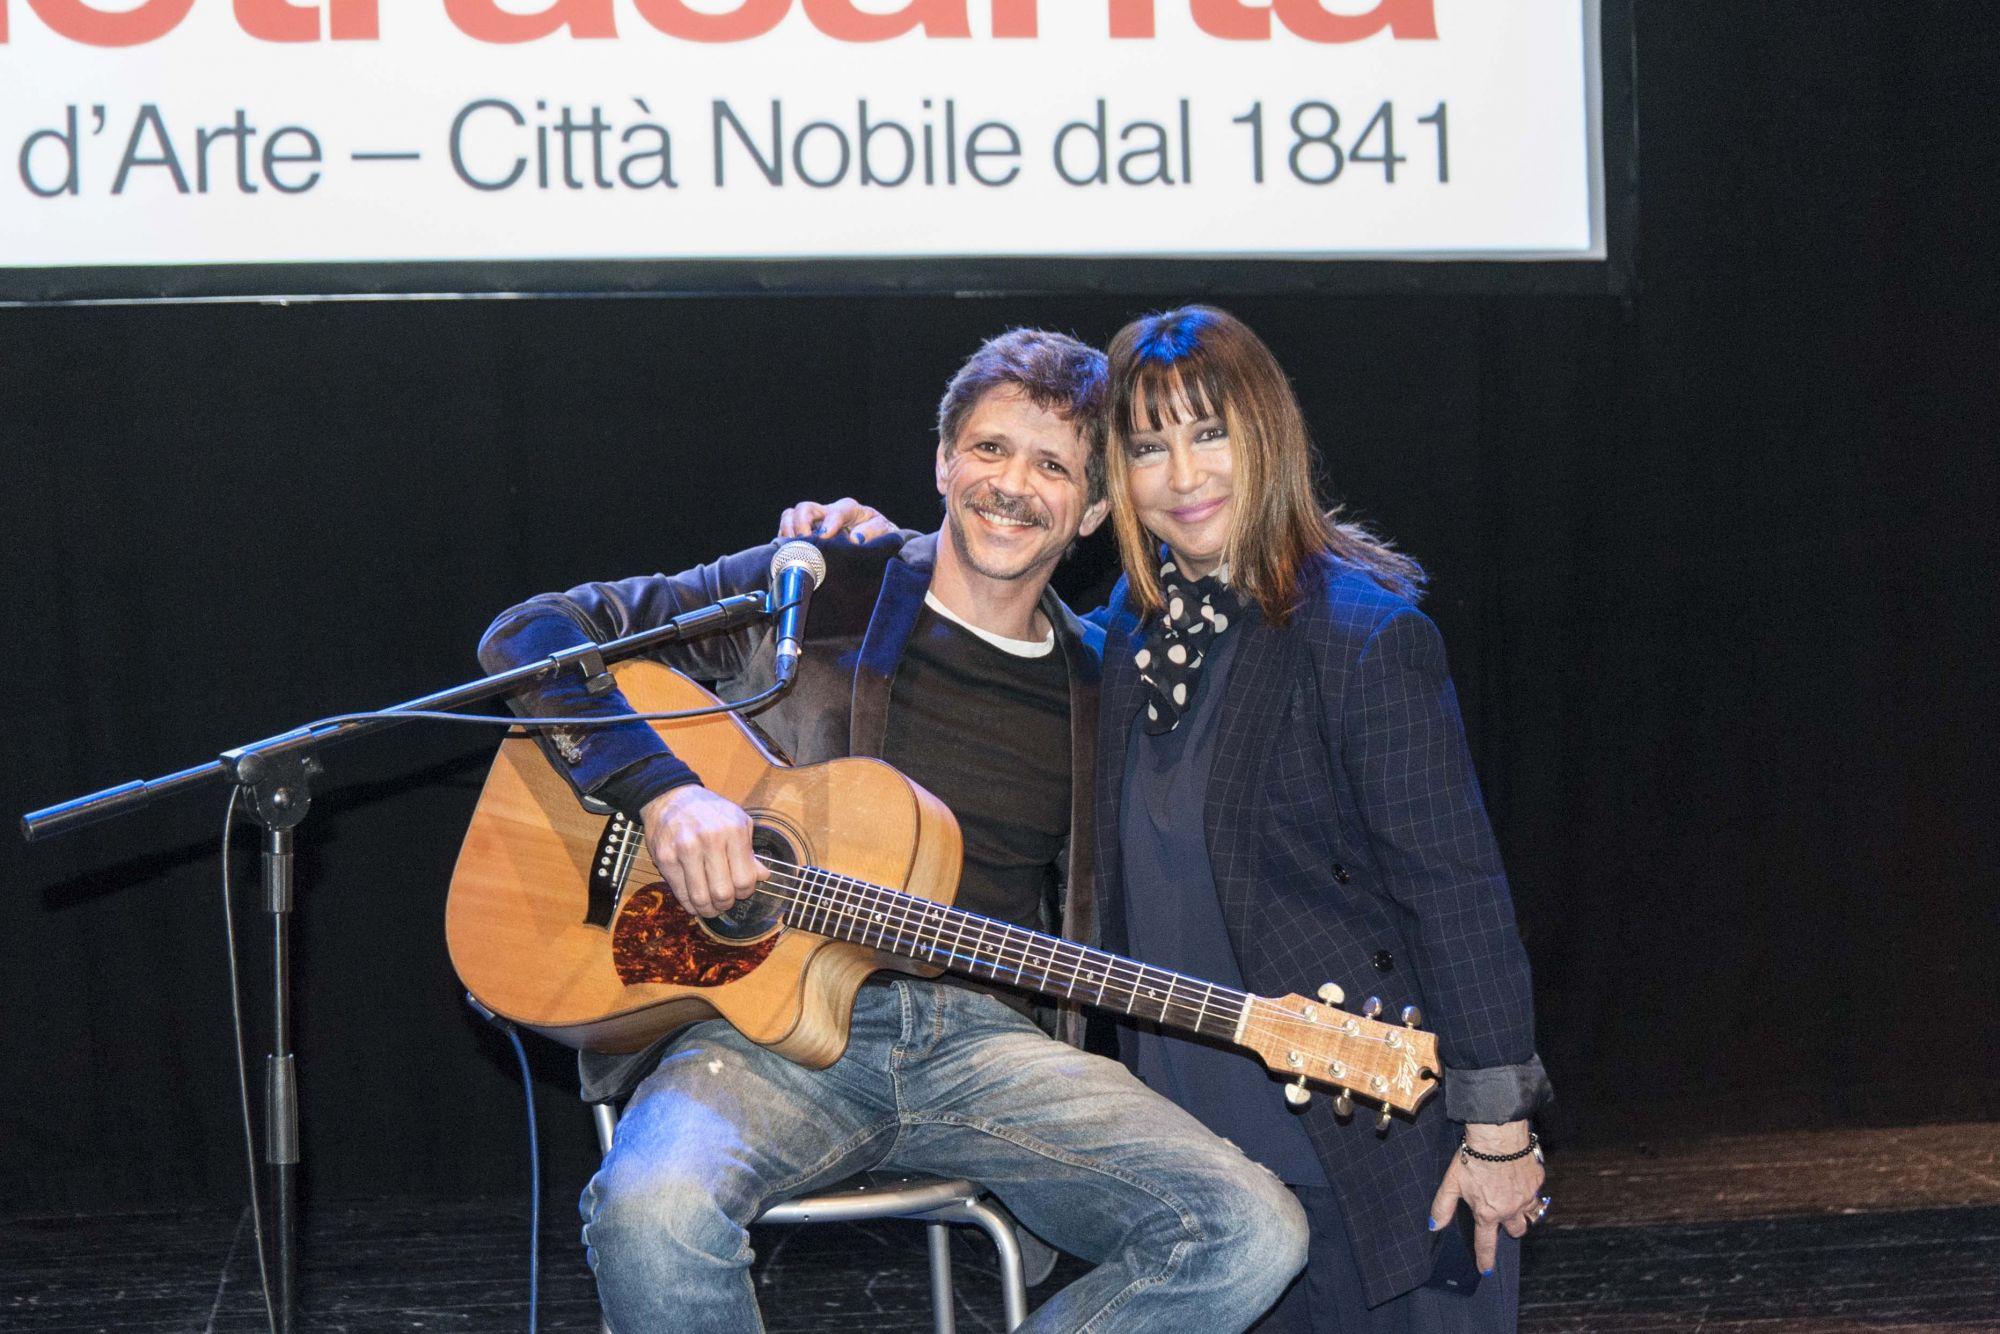 Applausi per l'omaggio di Marco Morandi a Rino Gaetano